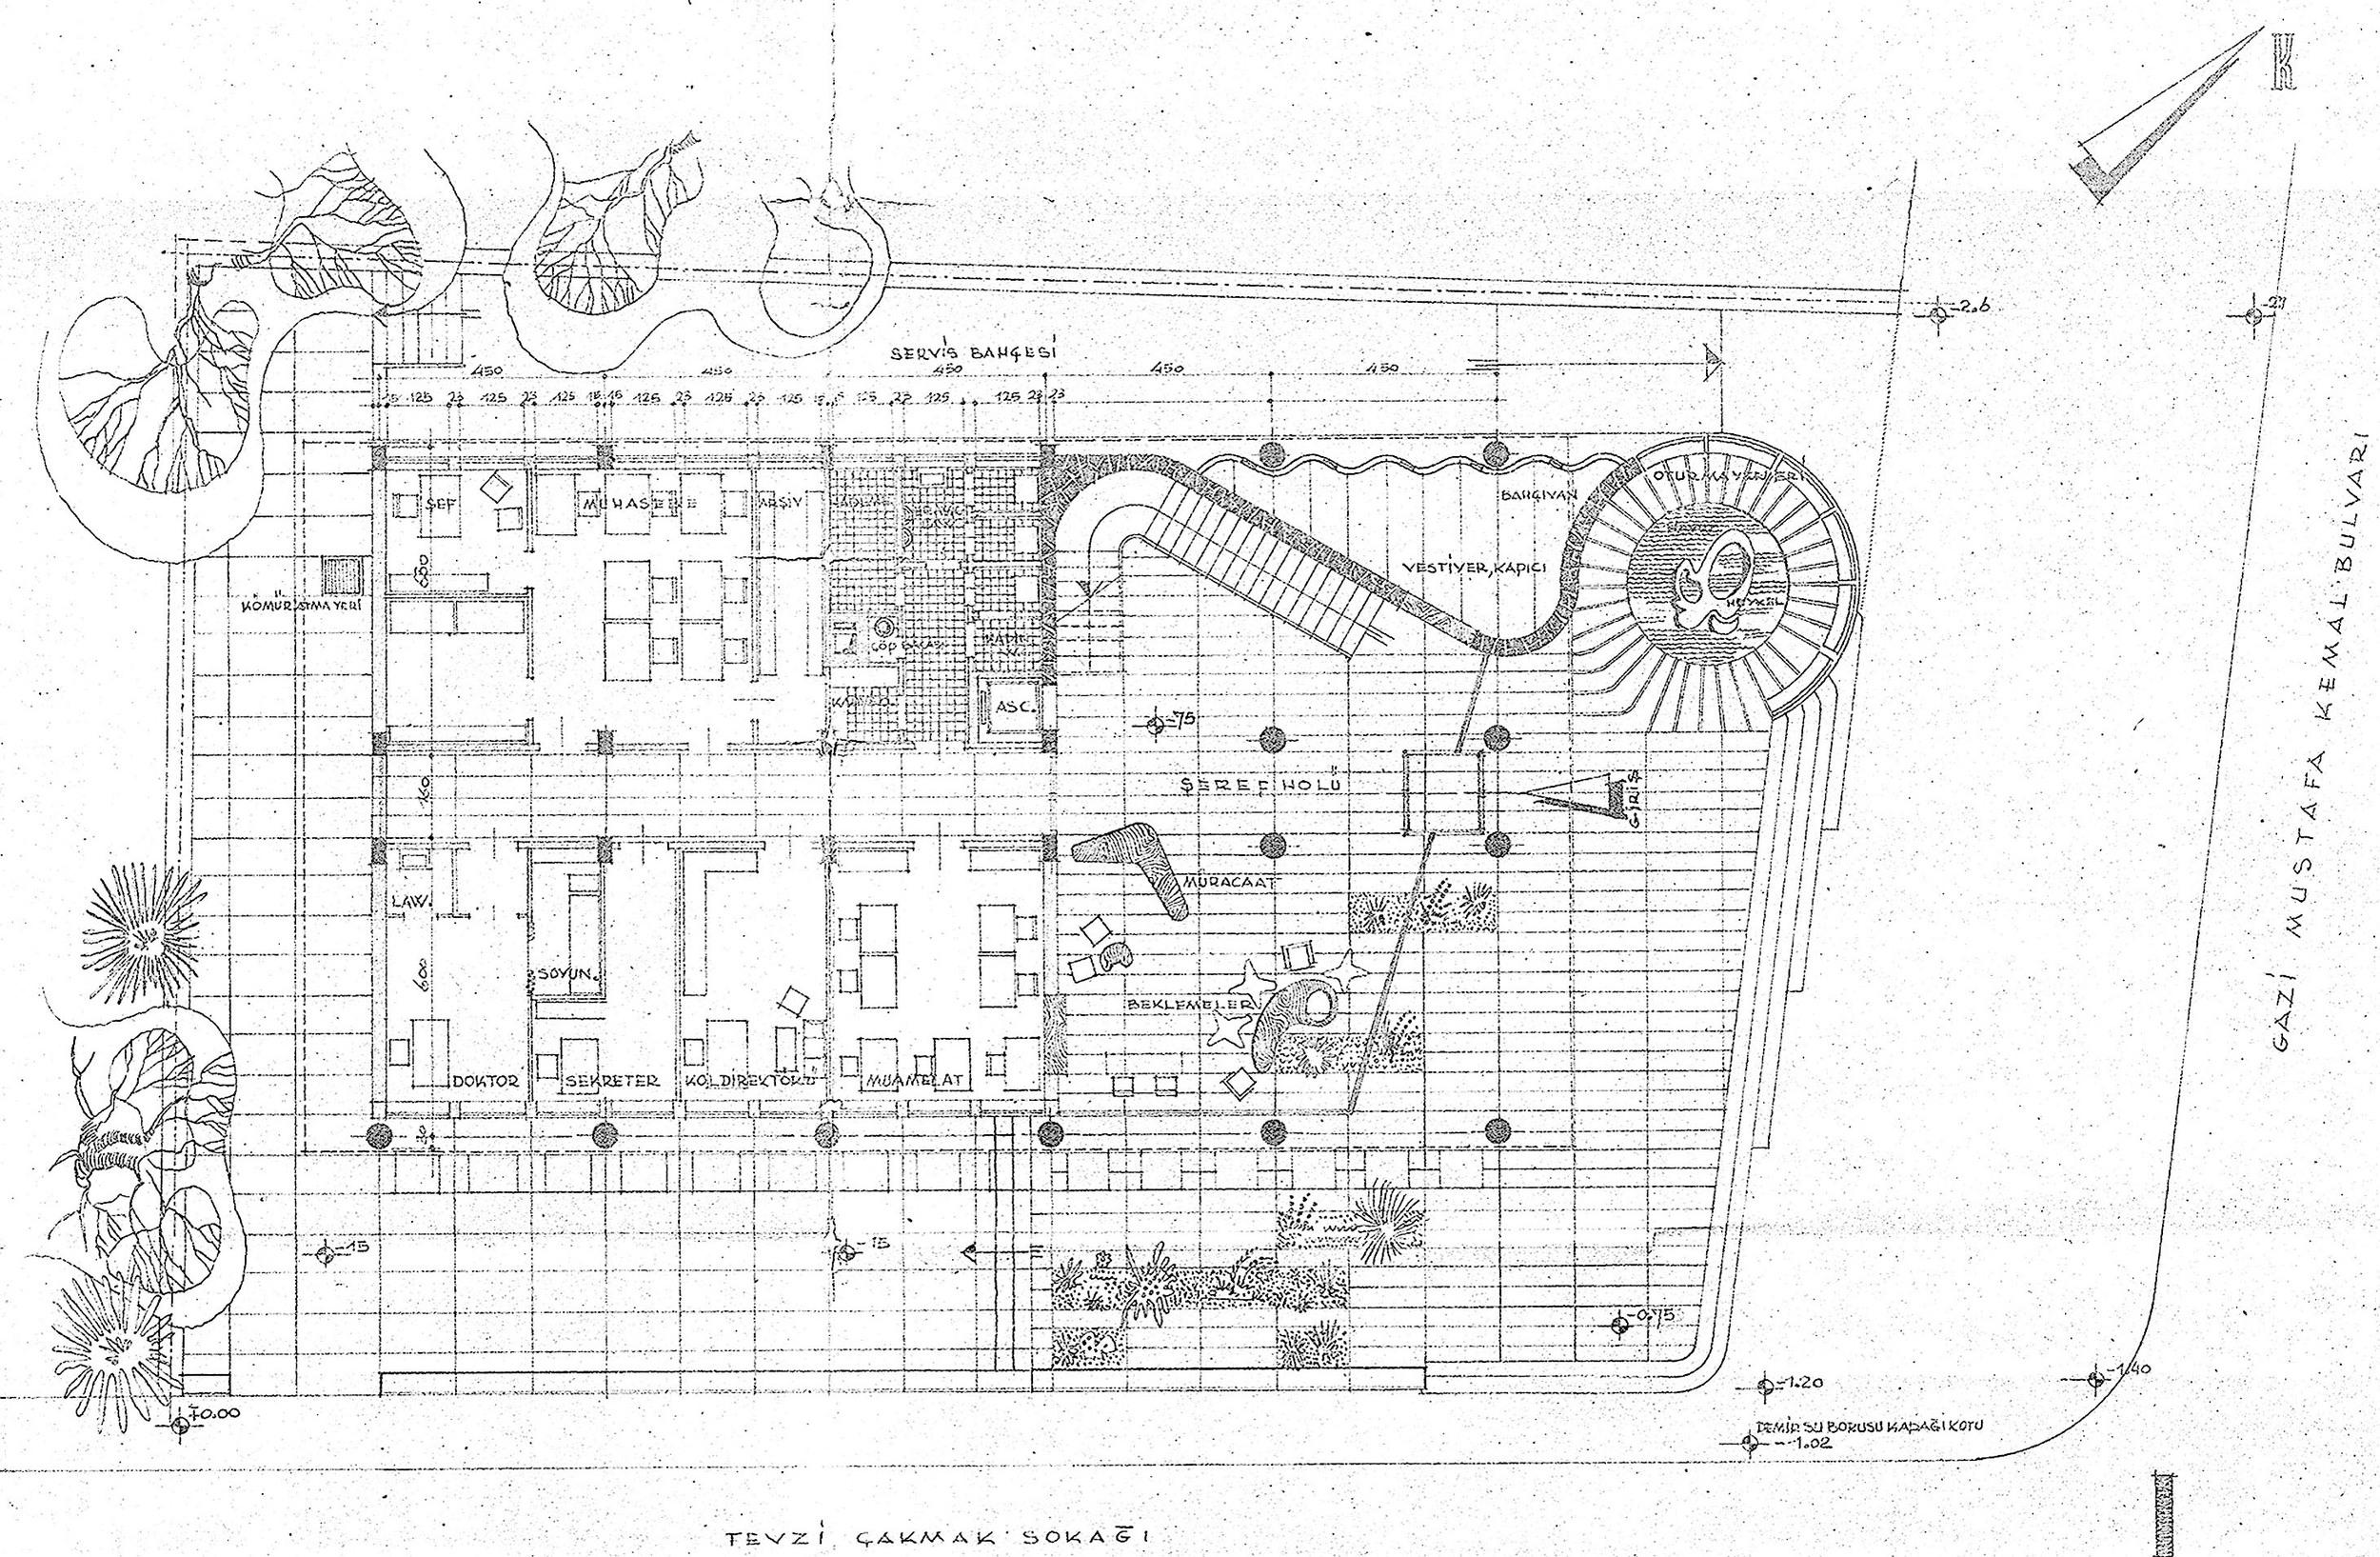 Şekil 6: EİE Zemin Kat Planı [Kaynak: Büyükşehir Belediyesi İmar Daire Başkanlığı, 2008]